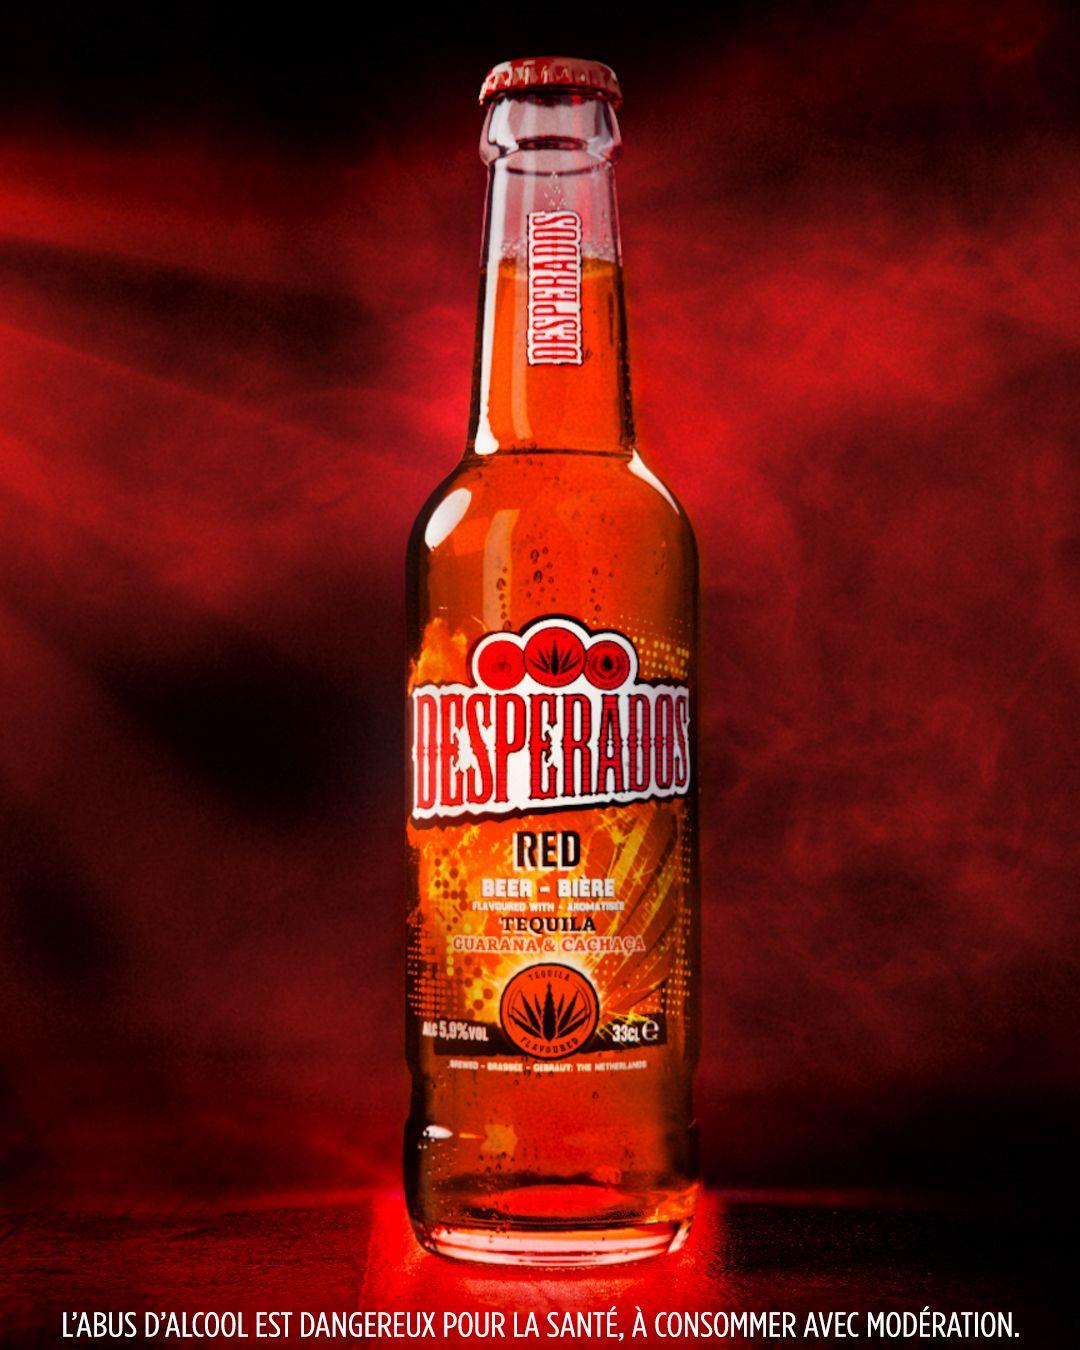 Biere Red Desperados Le Pack De 3 Bouteilles De 33cl A Prix Carrefour En 2020 Bouteille Biere Cachaca